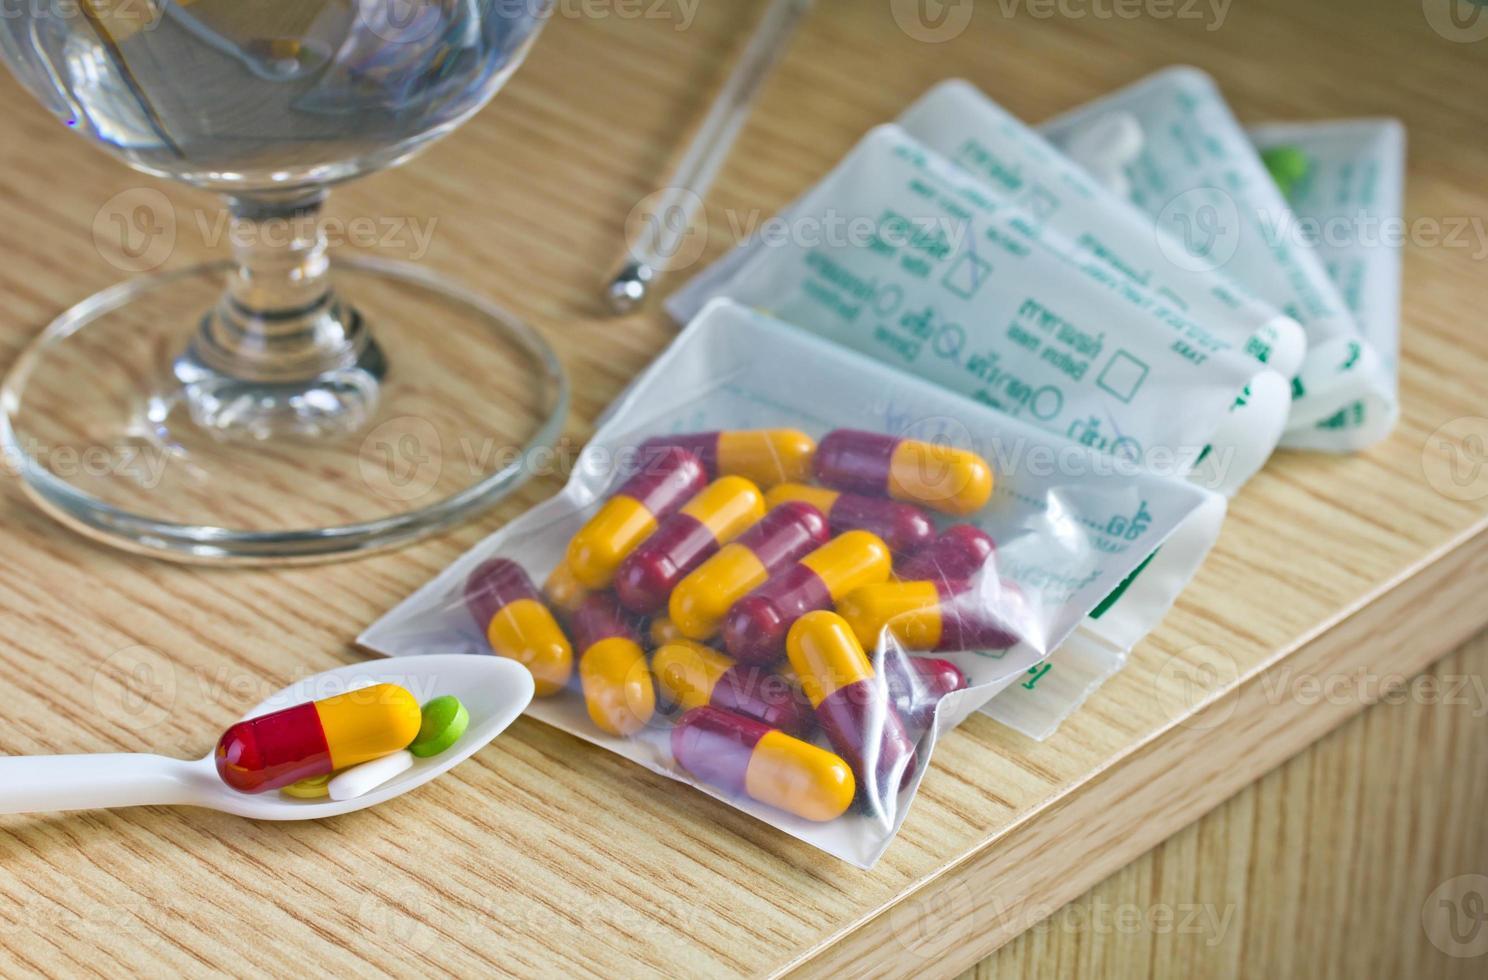 medicamentos. foto